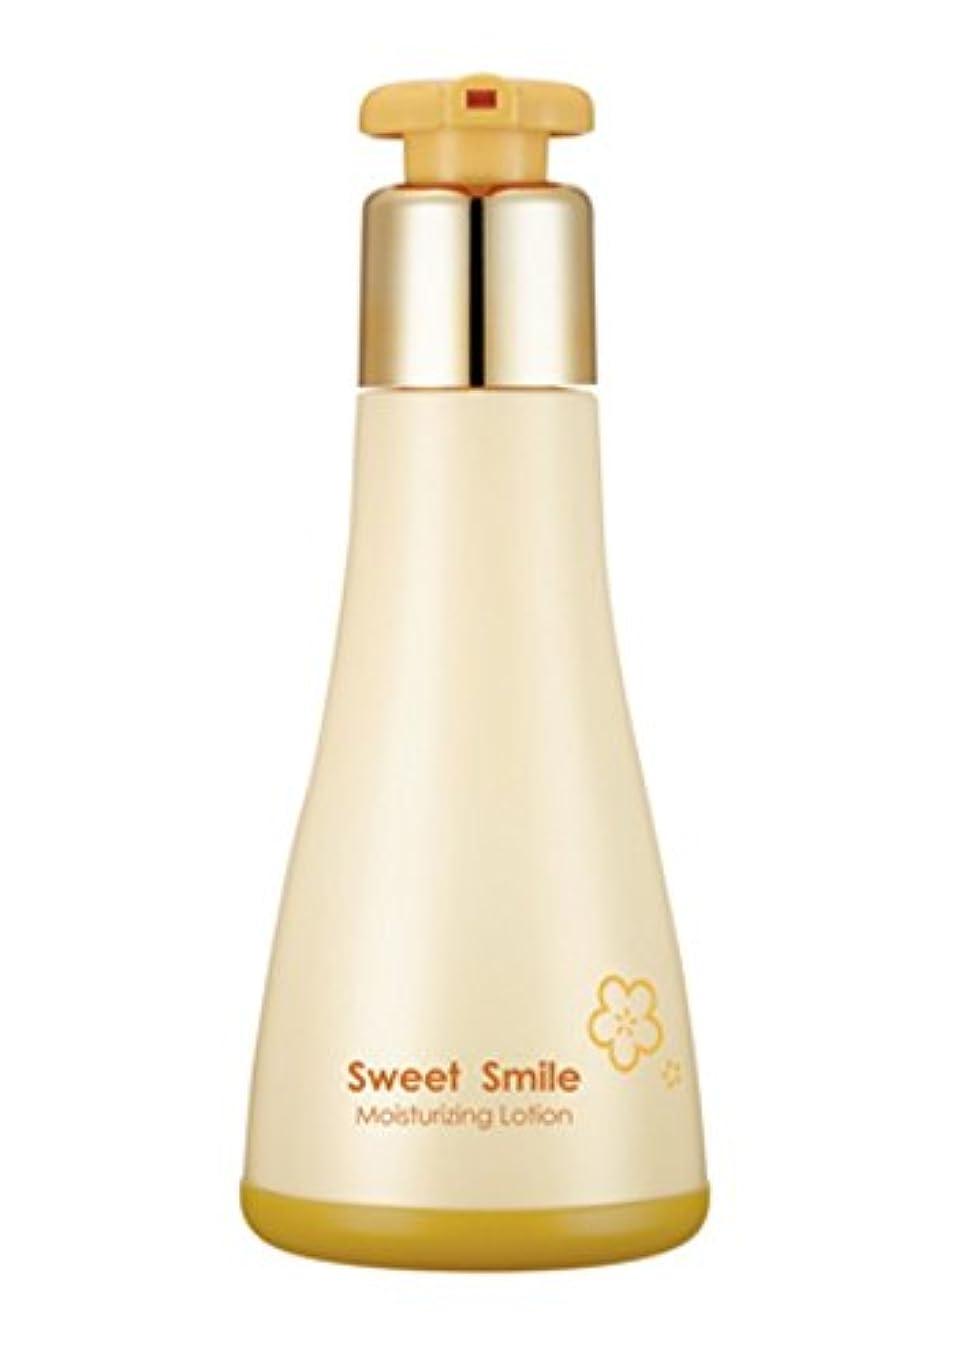 [New] su:m37° Sweet Smile Moisturizing Lotion 250ml/スム37° スイート スマイル モイスチャライジング ローション 250ml